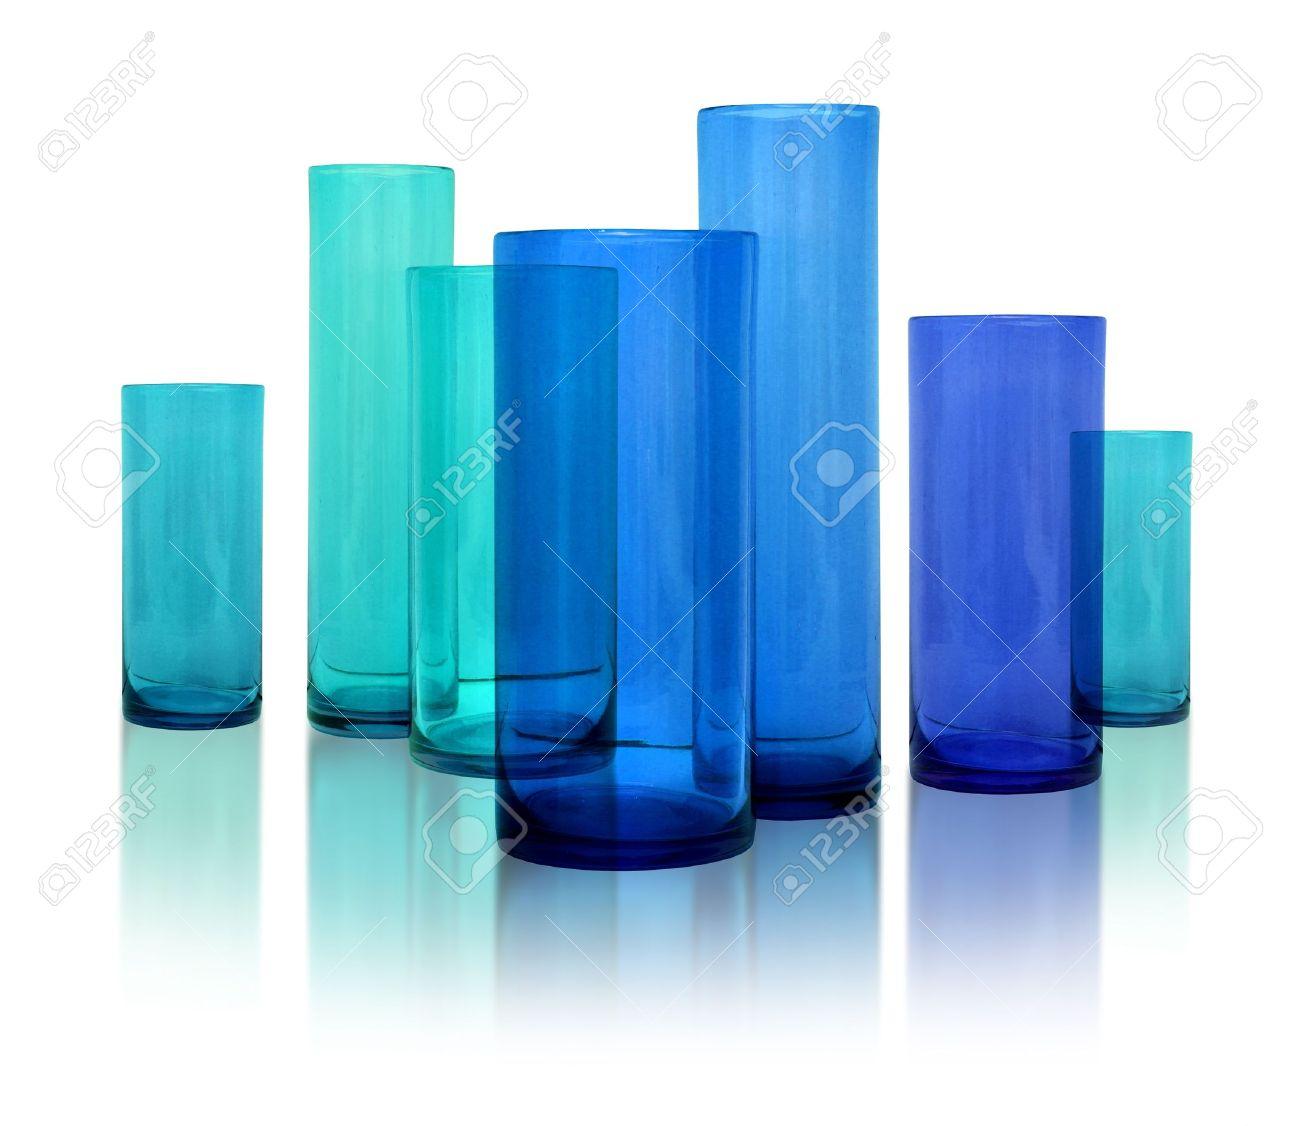 Modern Glass Vases Seven Modern Blue Glass Vases Row On White Reflective Background